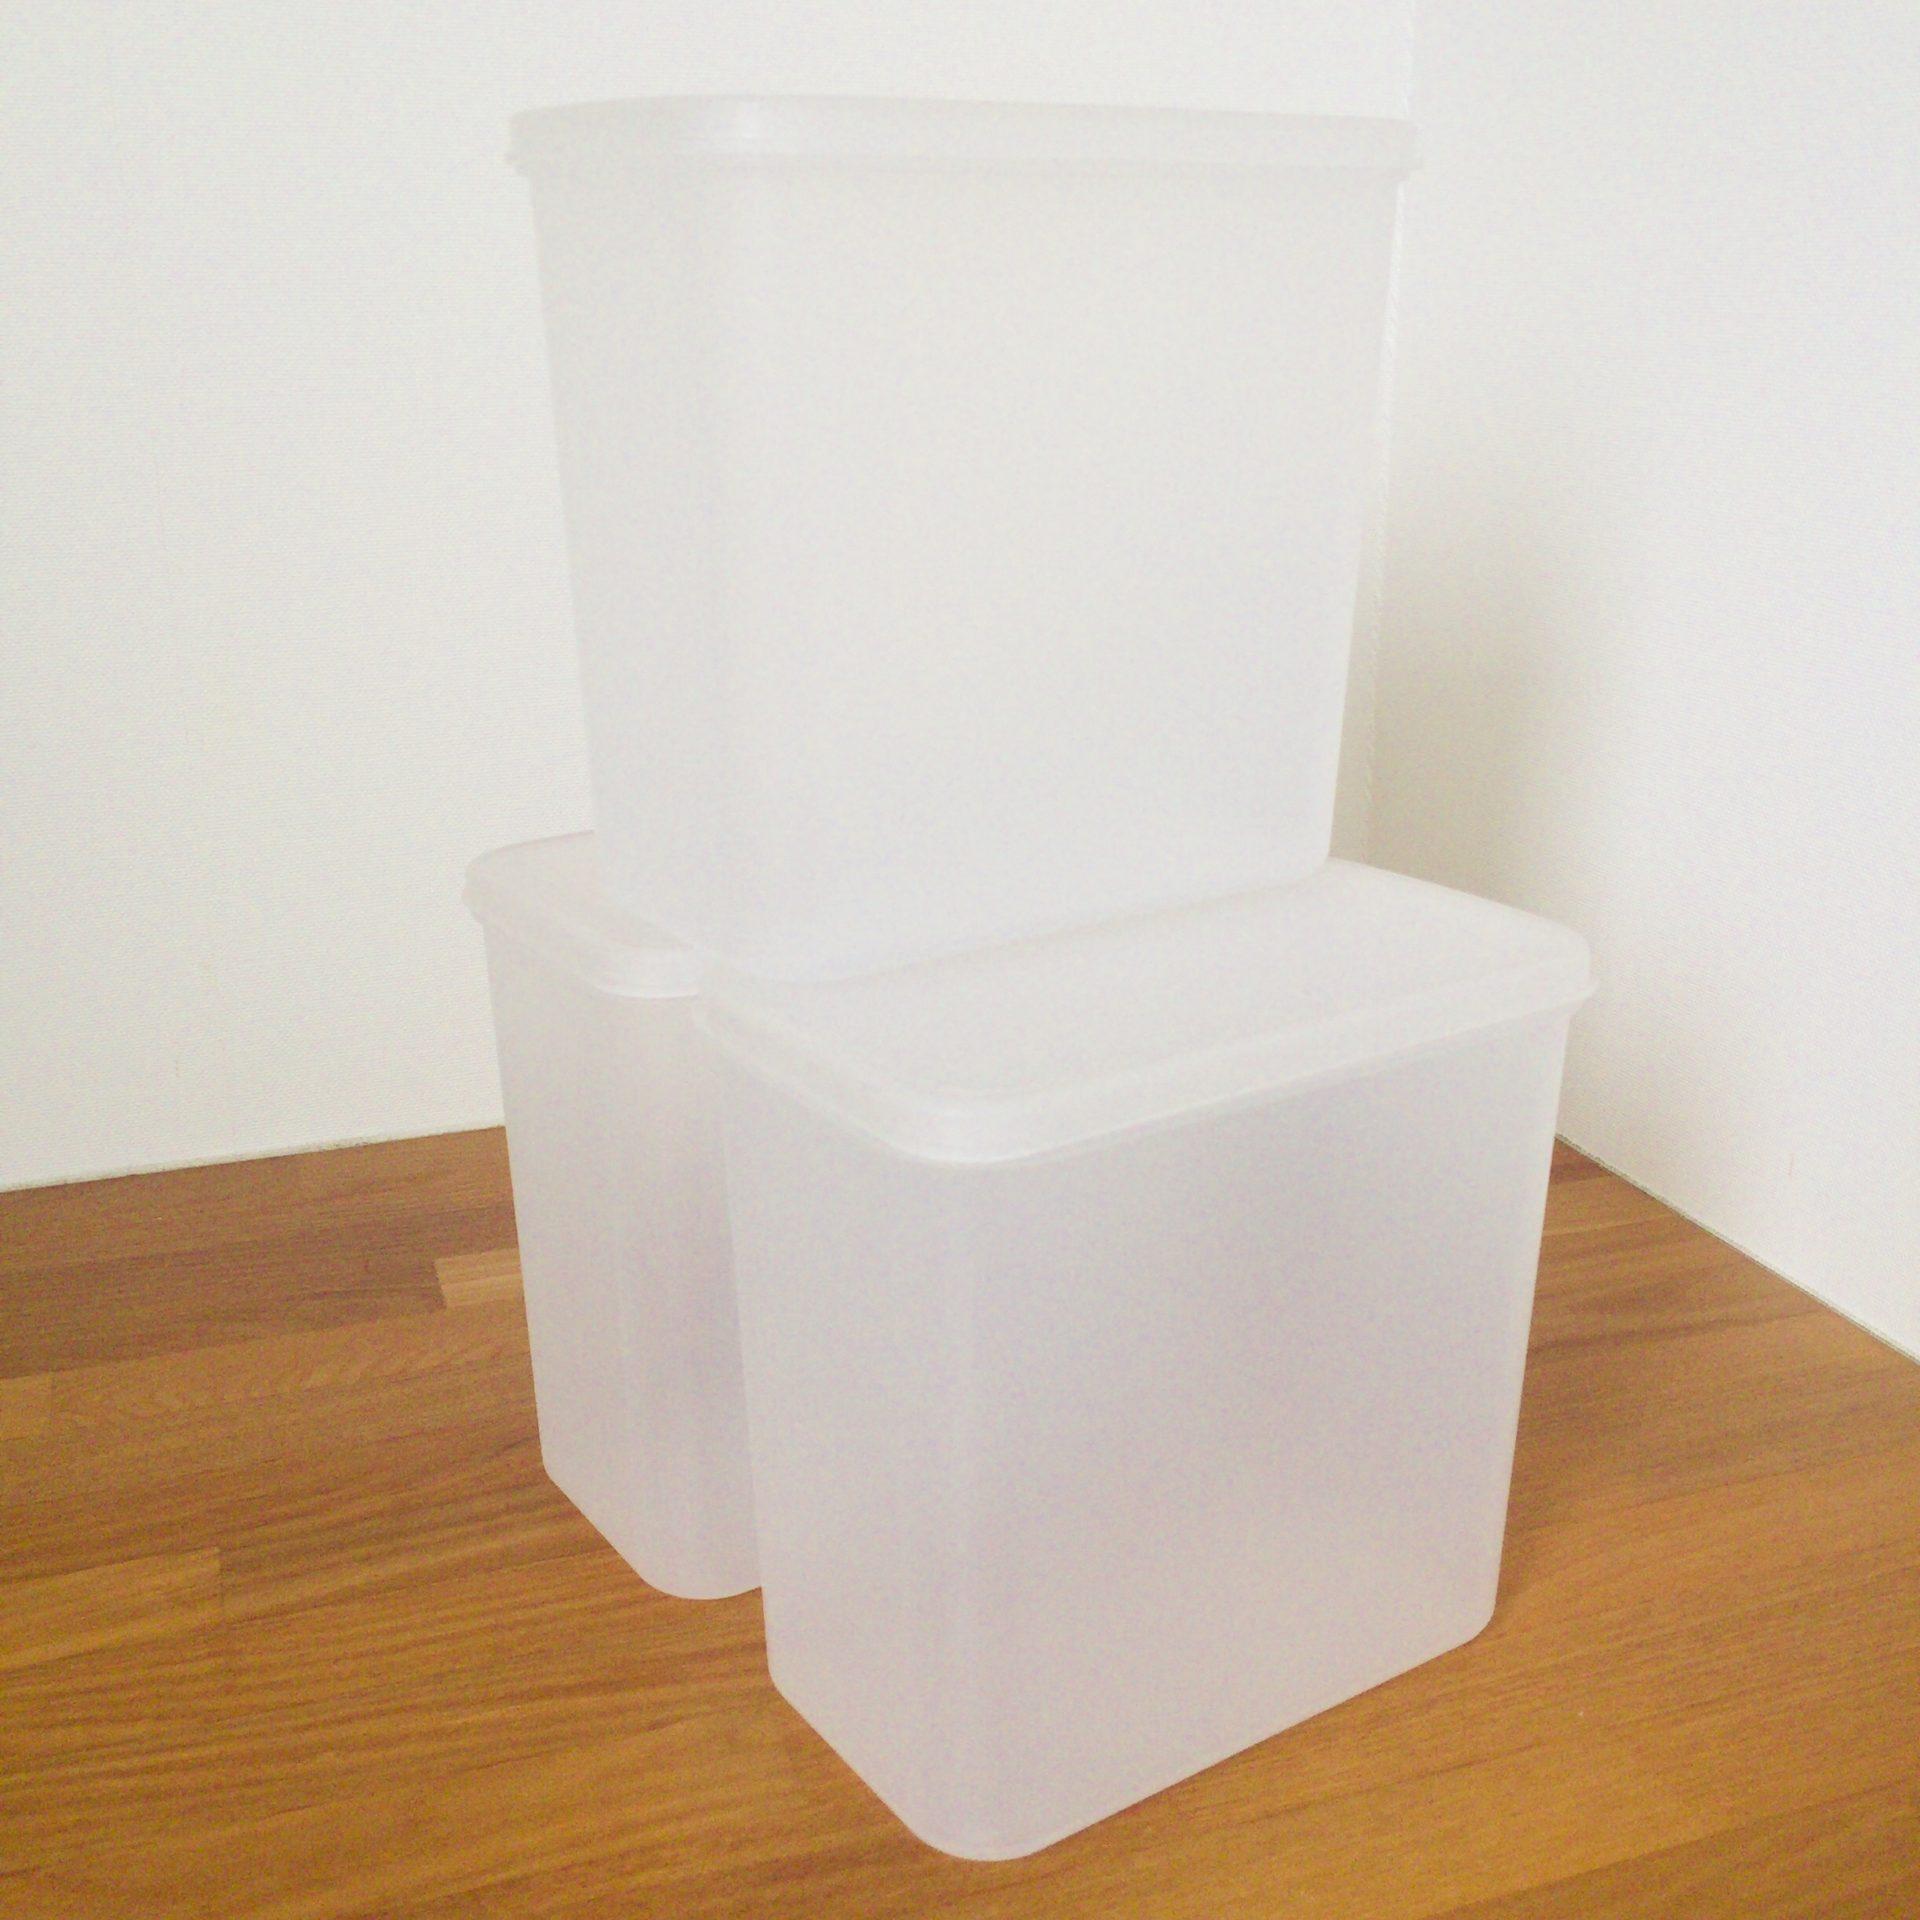 無印良品「粉もの保存容器」